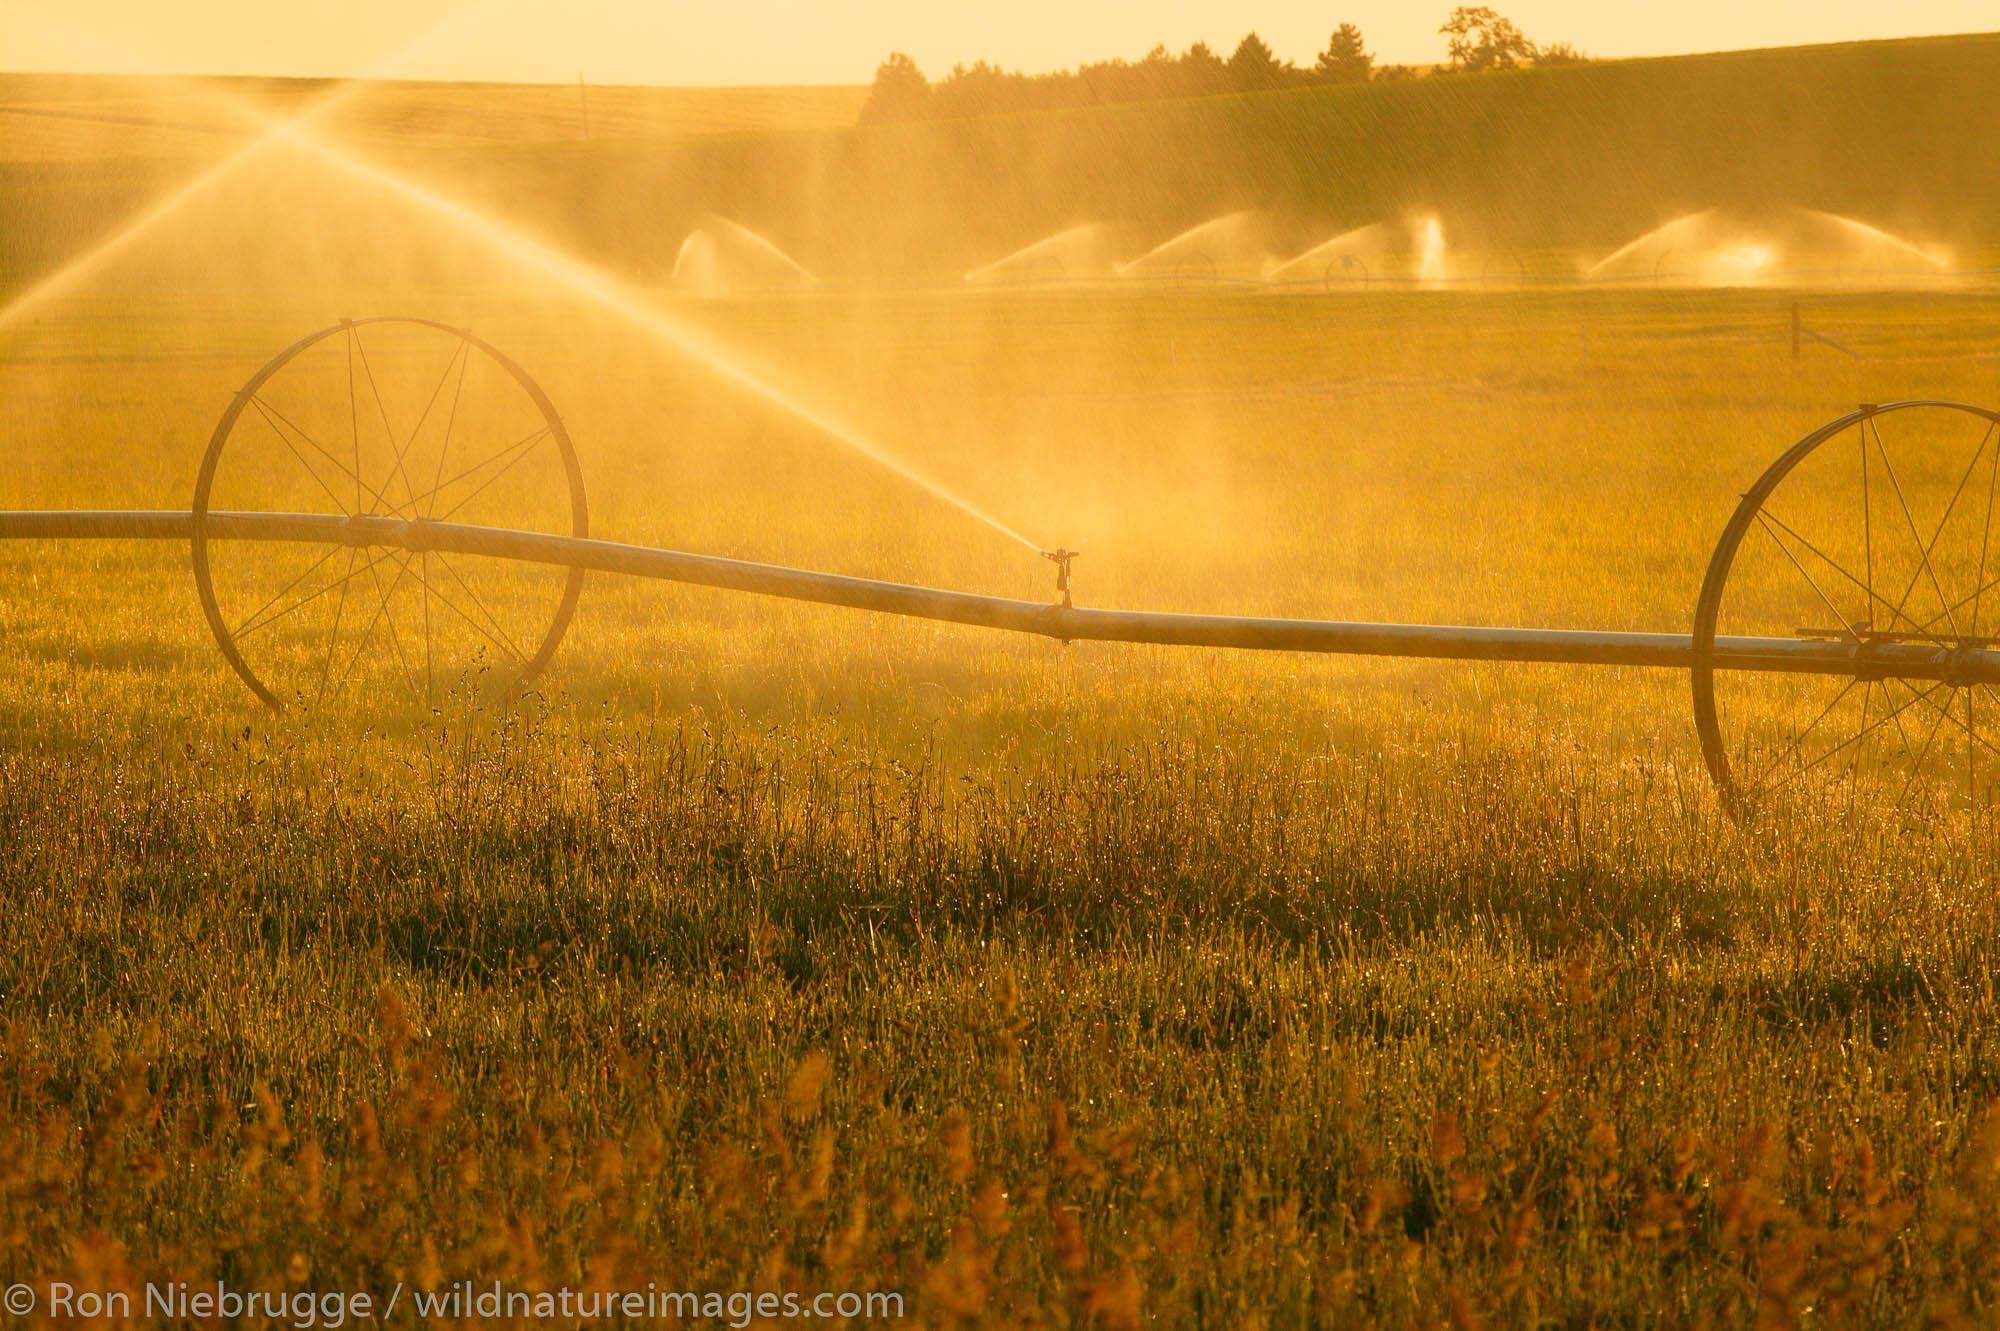 Watering the wheat fields near Ritzville in Eastern Washington.